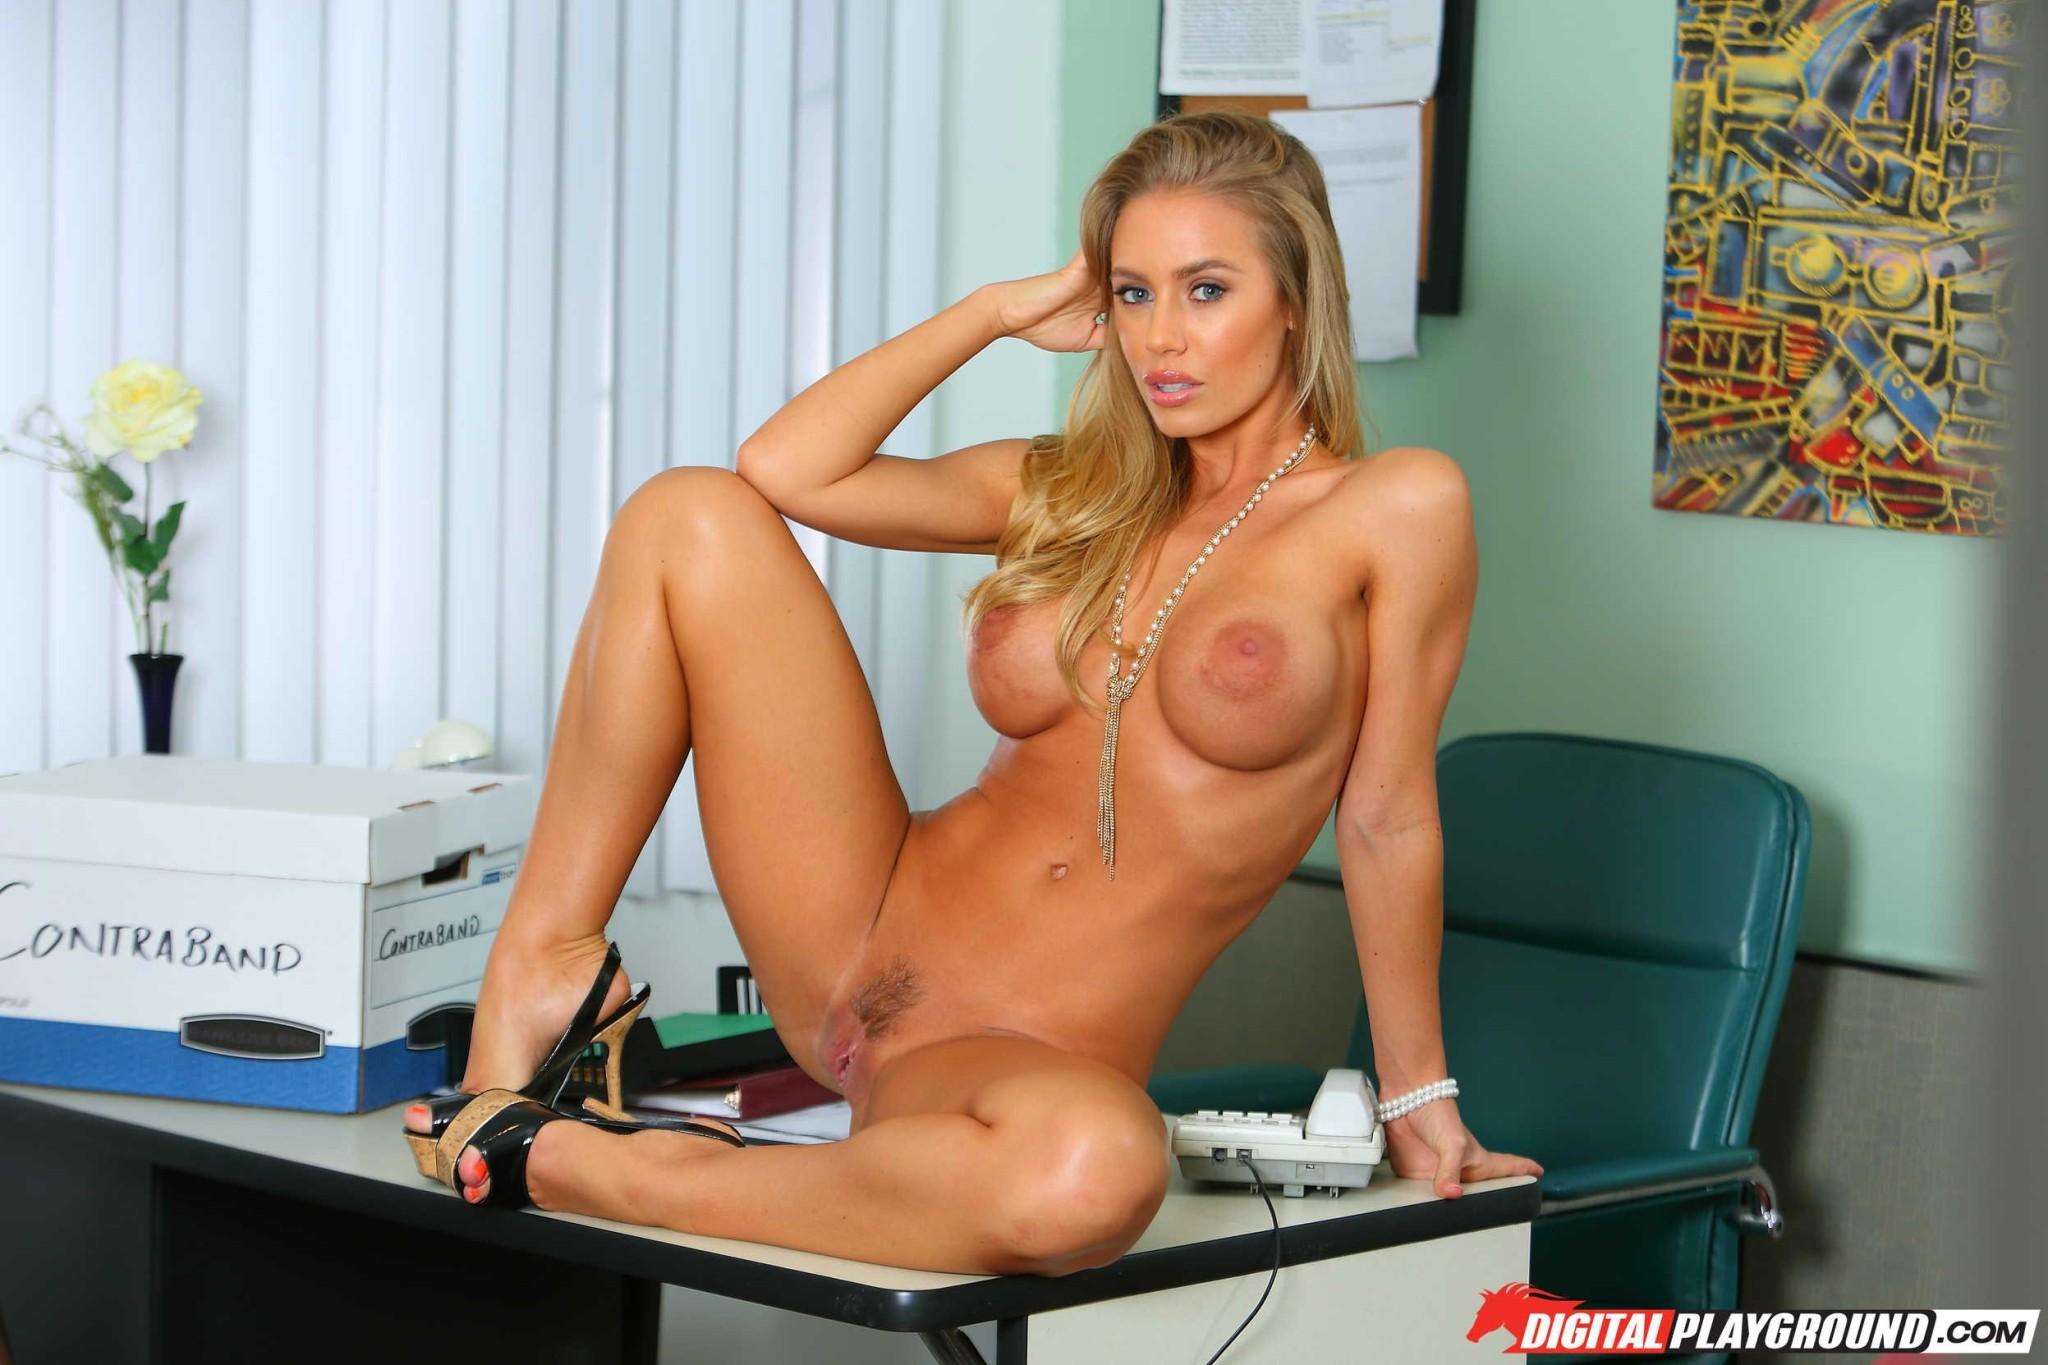 Блондинка с большими натуральными титьками мастурбирует на работе